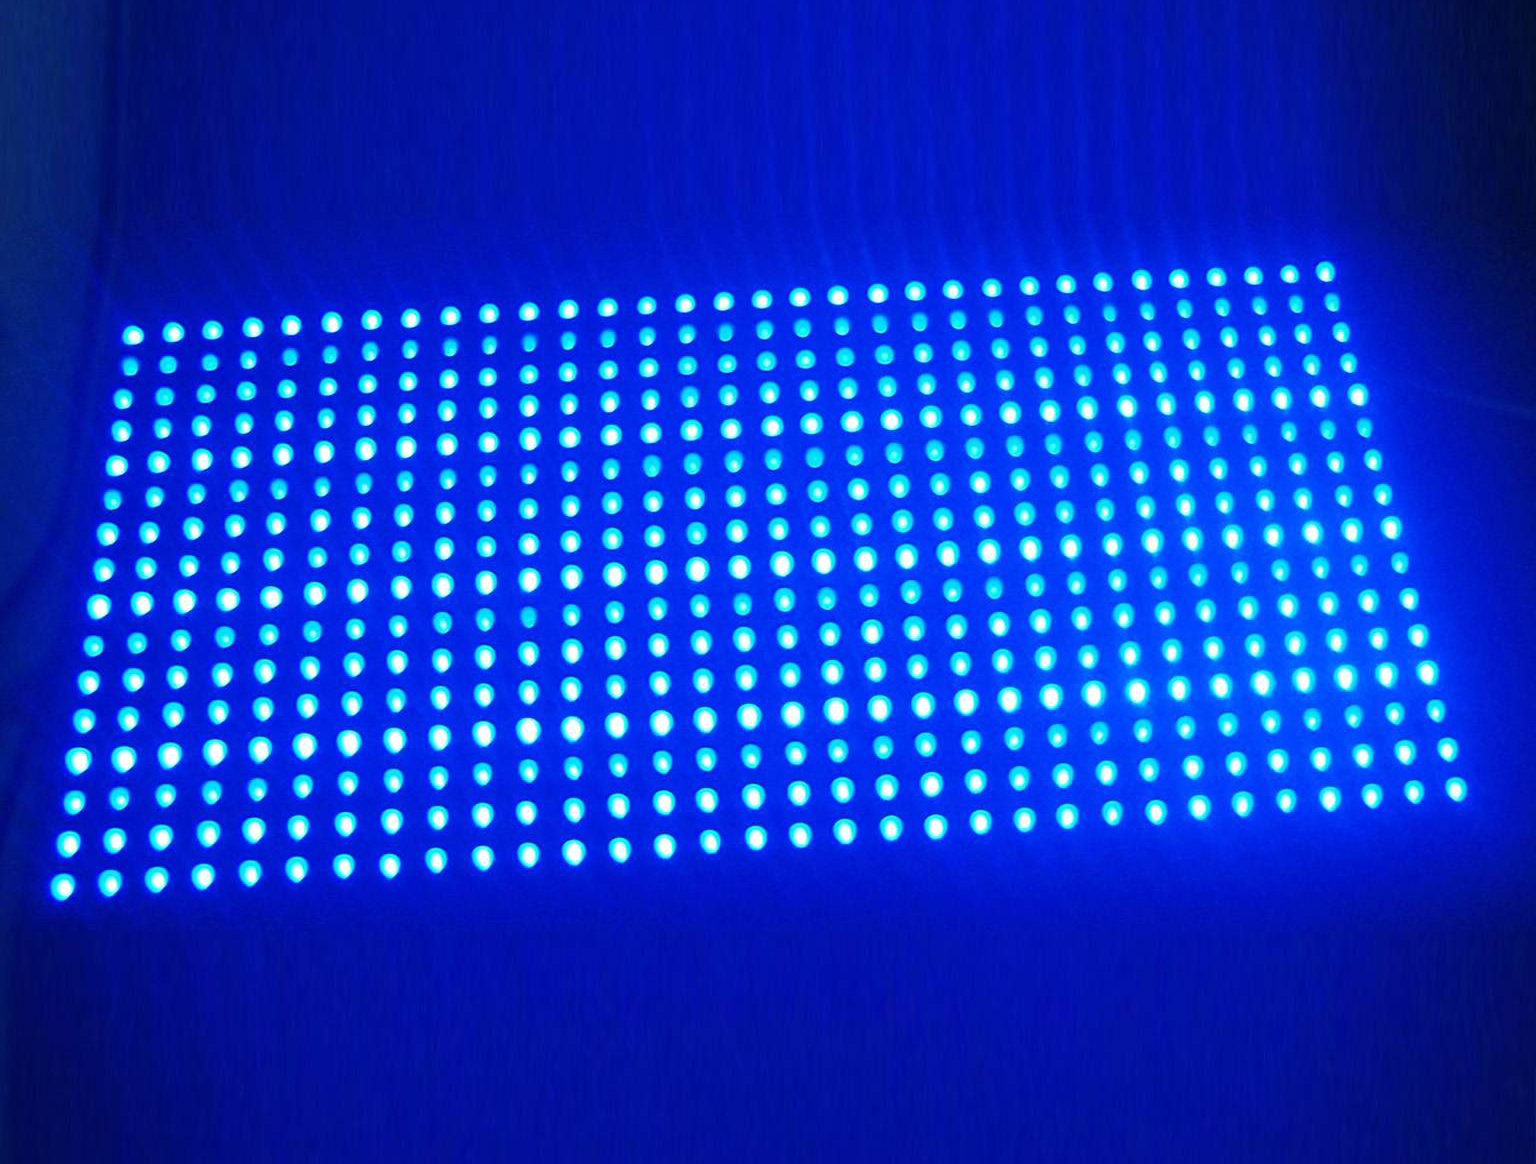 Làm thế nào để phát huy LED trong thiết kế sân khấu truyền hình ?